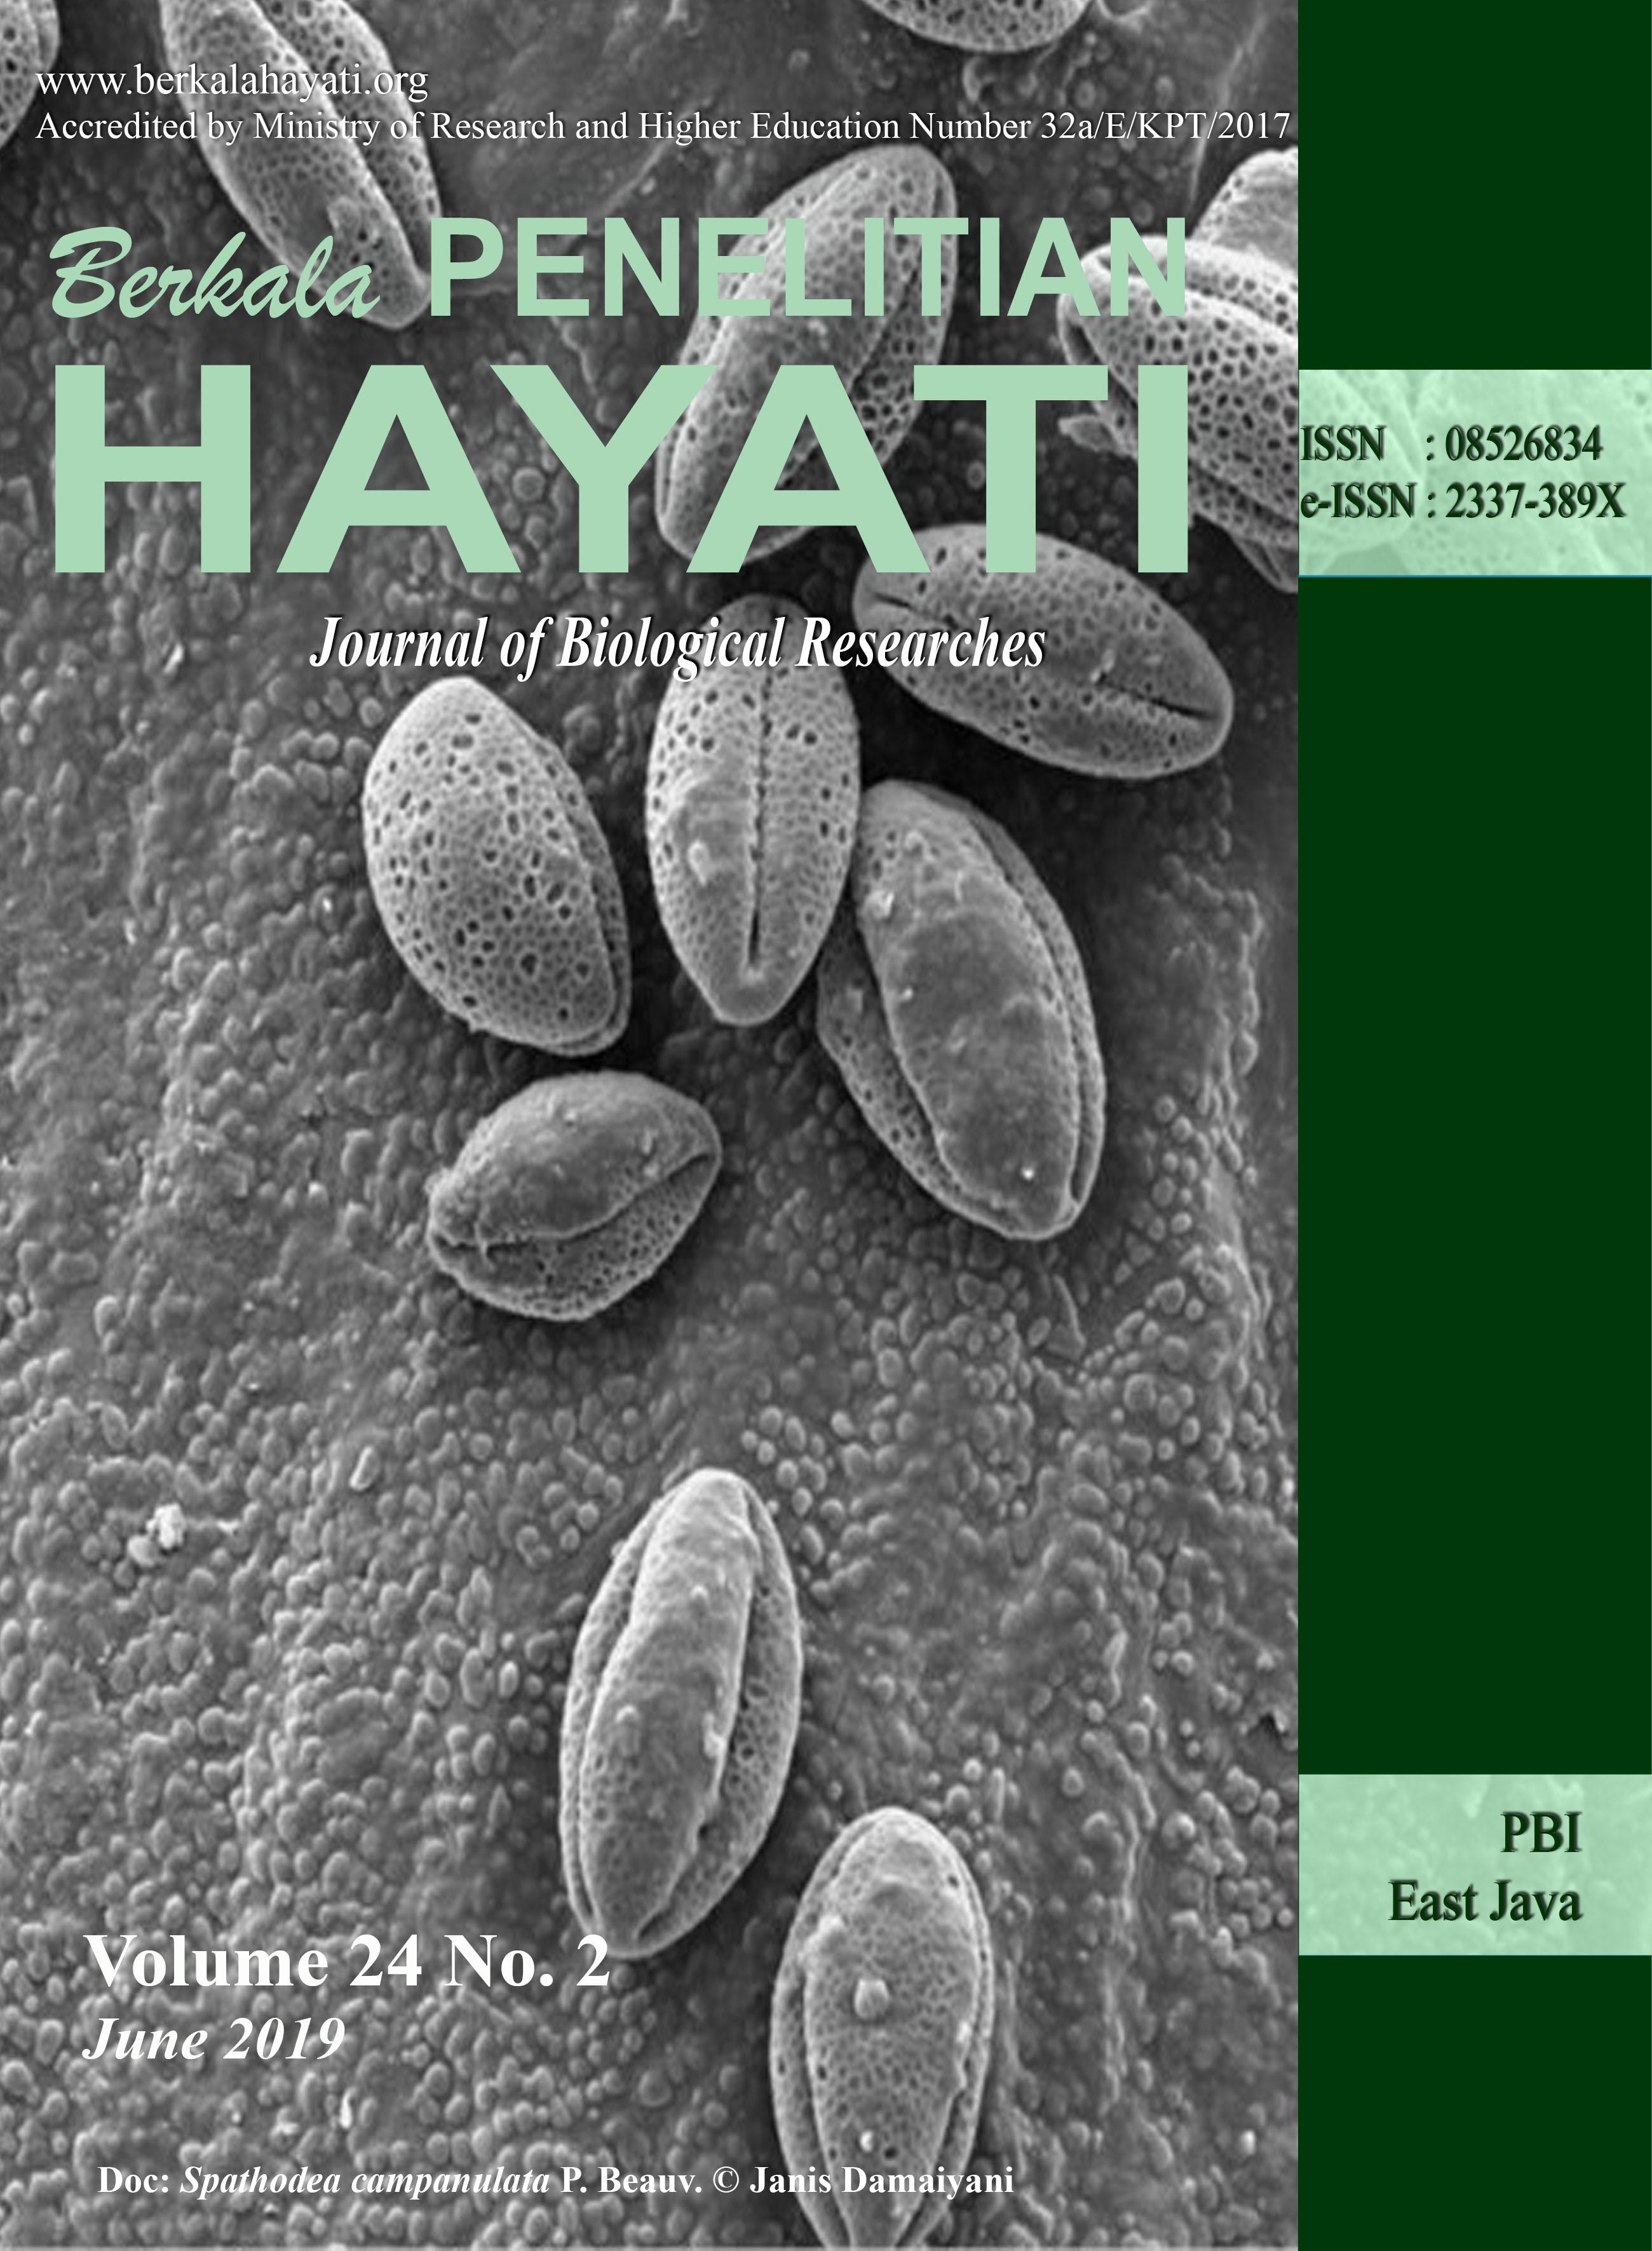 cover vol 24 no 2